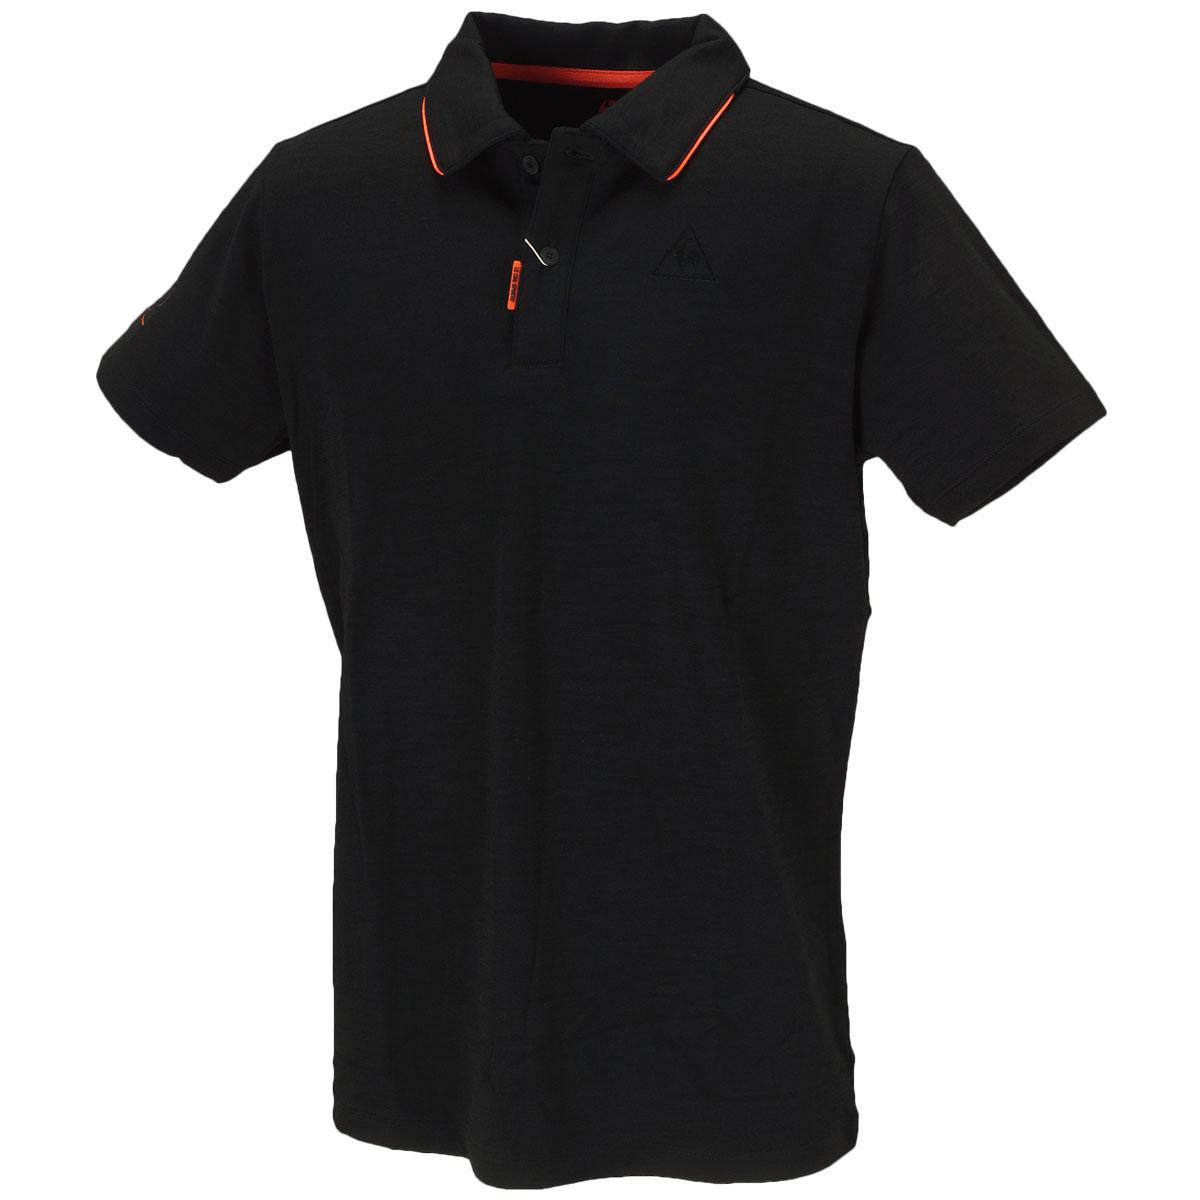 RIJOUME マナードウール半袖ポロシャツ